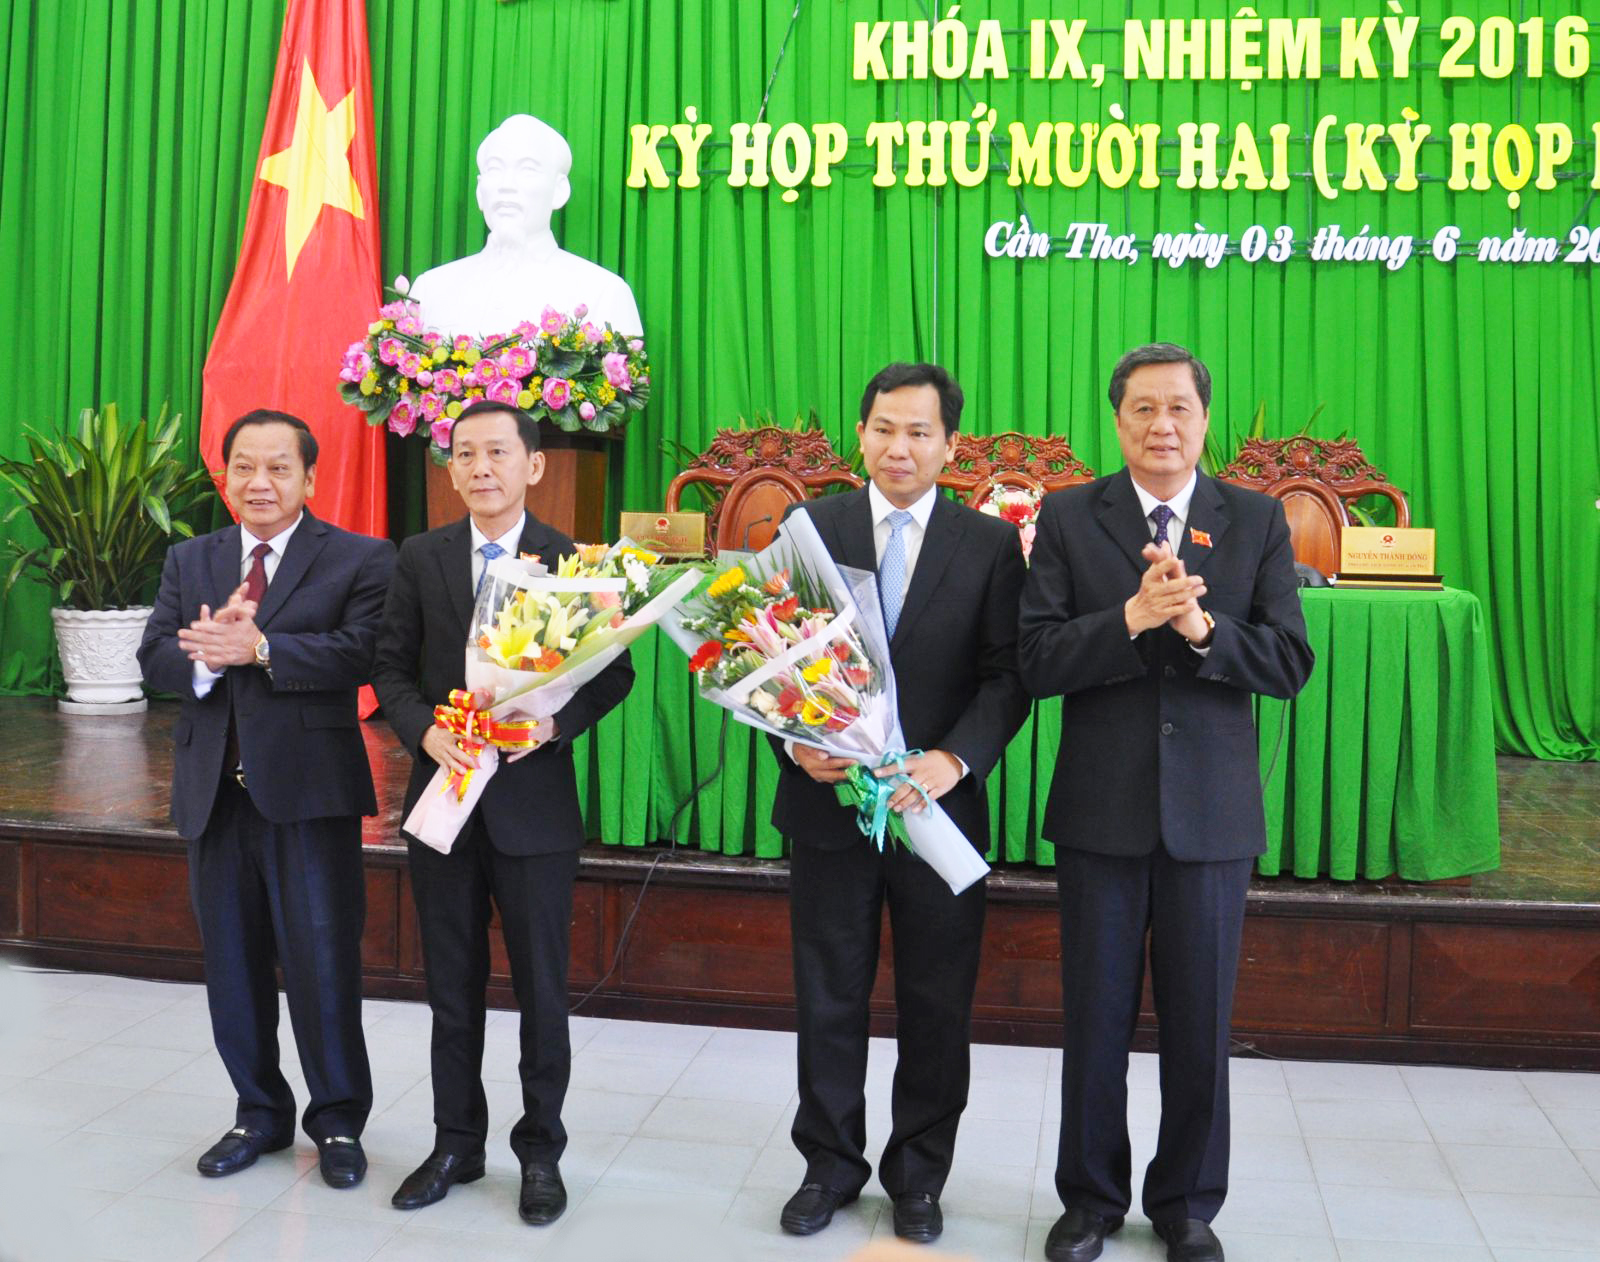 Lãnh đạo thành phố tặng hoa chúc mừng đồng chí Võ Thành Thống và đồng chí Lê Quang Mạnh. Ảnh: ANH DŨNG